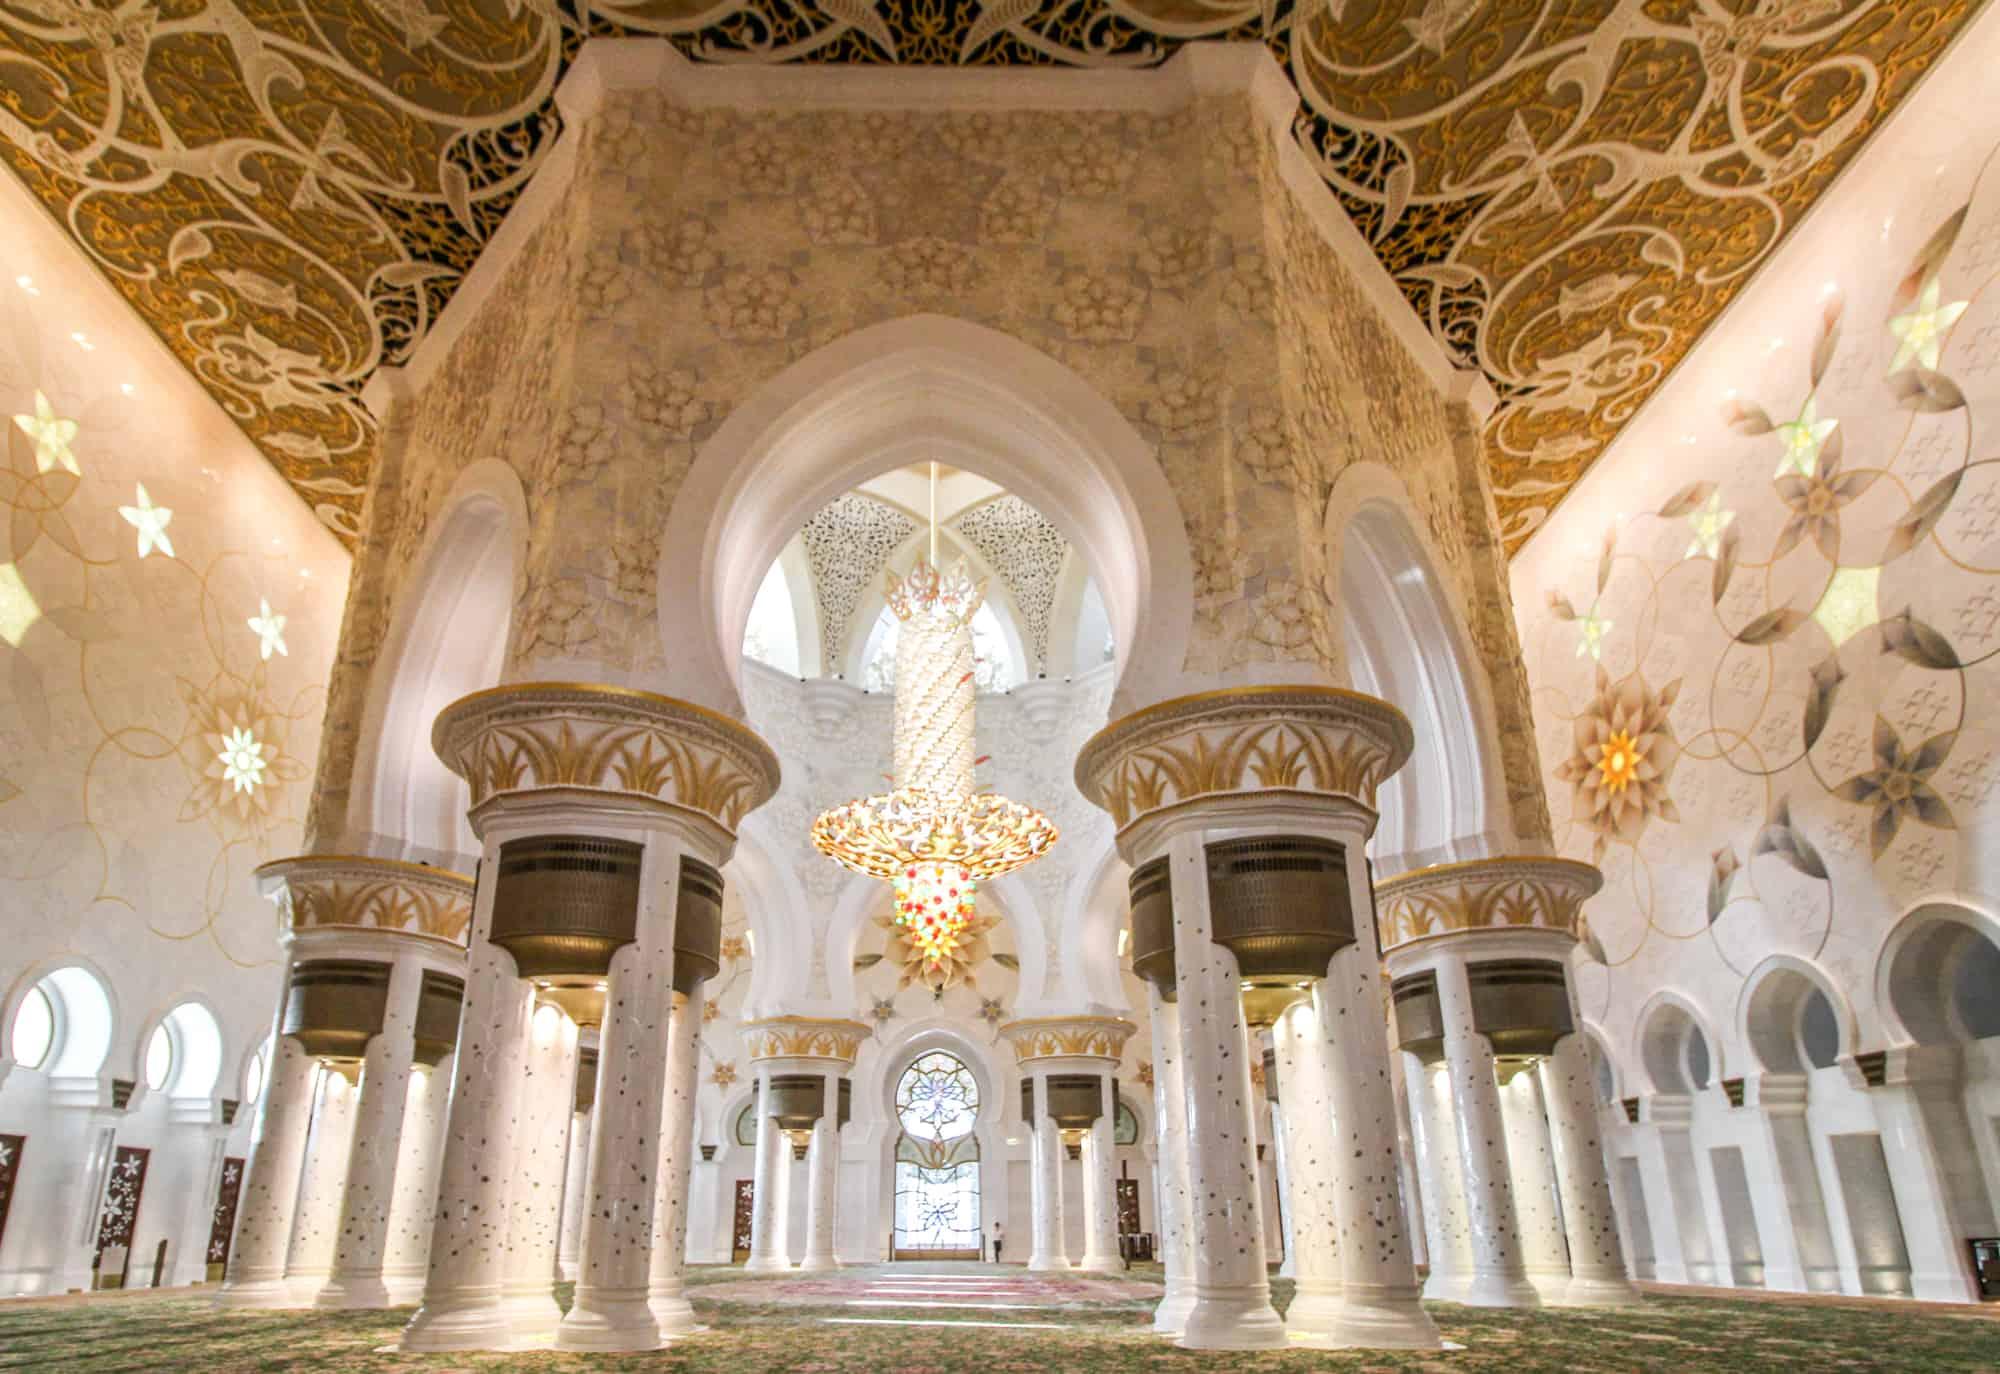 Scheich-Zayid-Moschee von innen